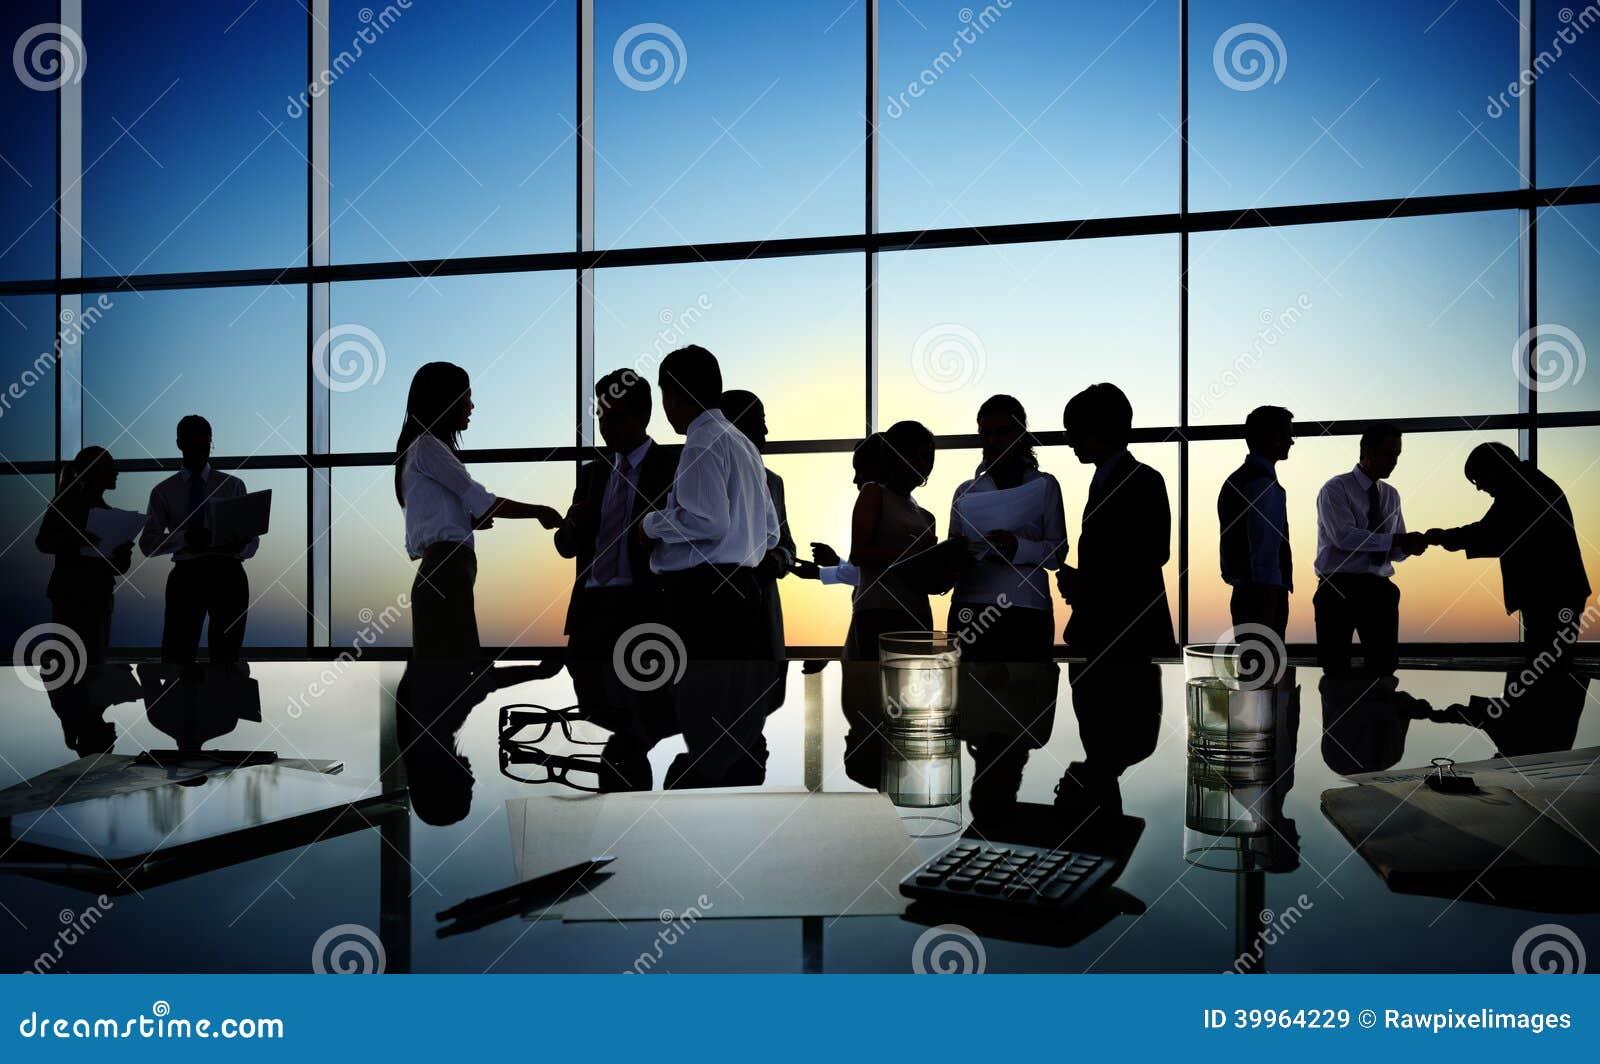 Grupo de hombres de negocios que discuten en una sala de conferencias